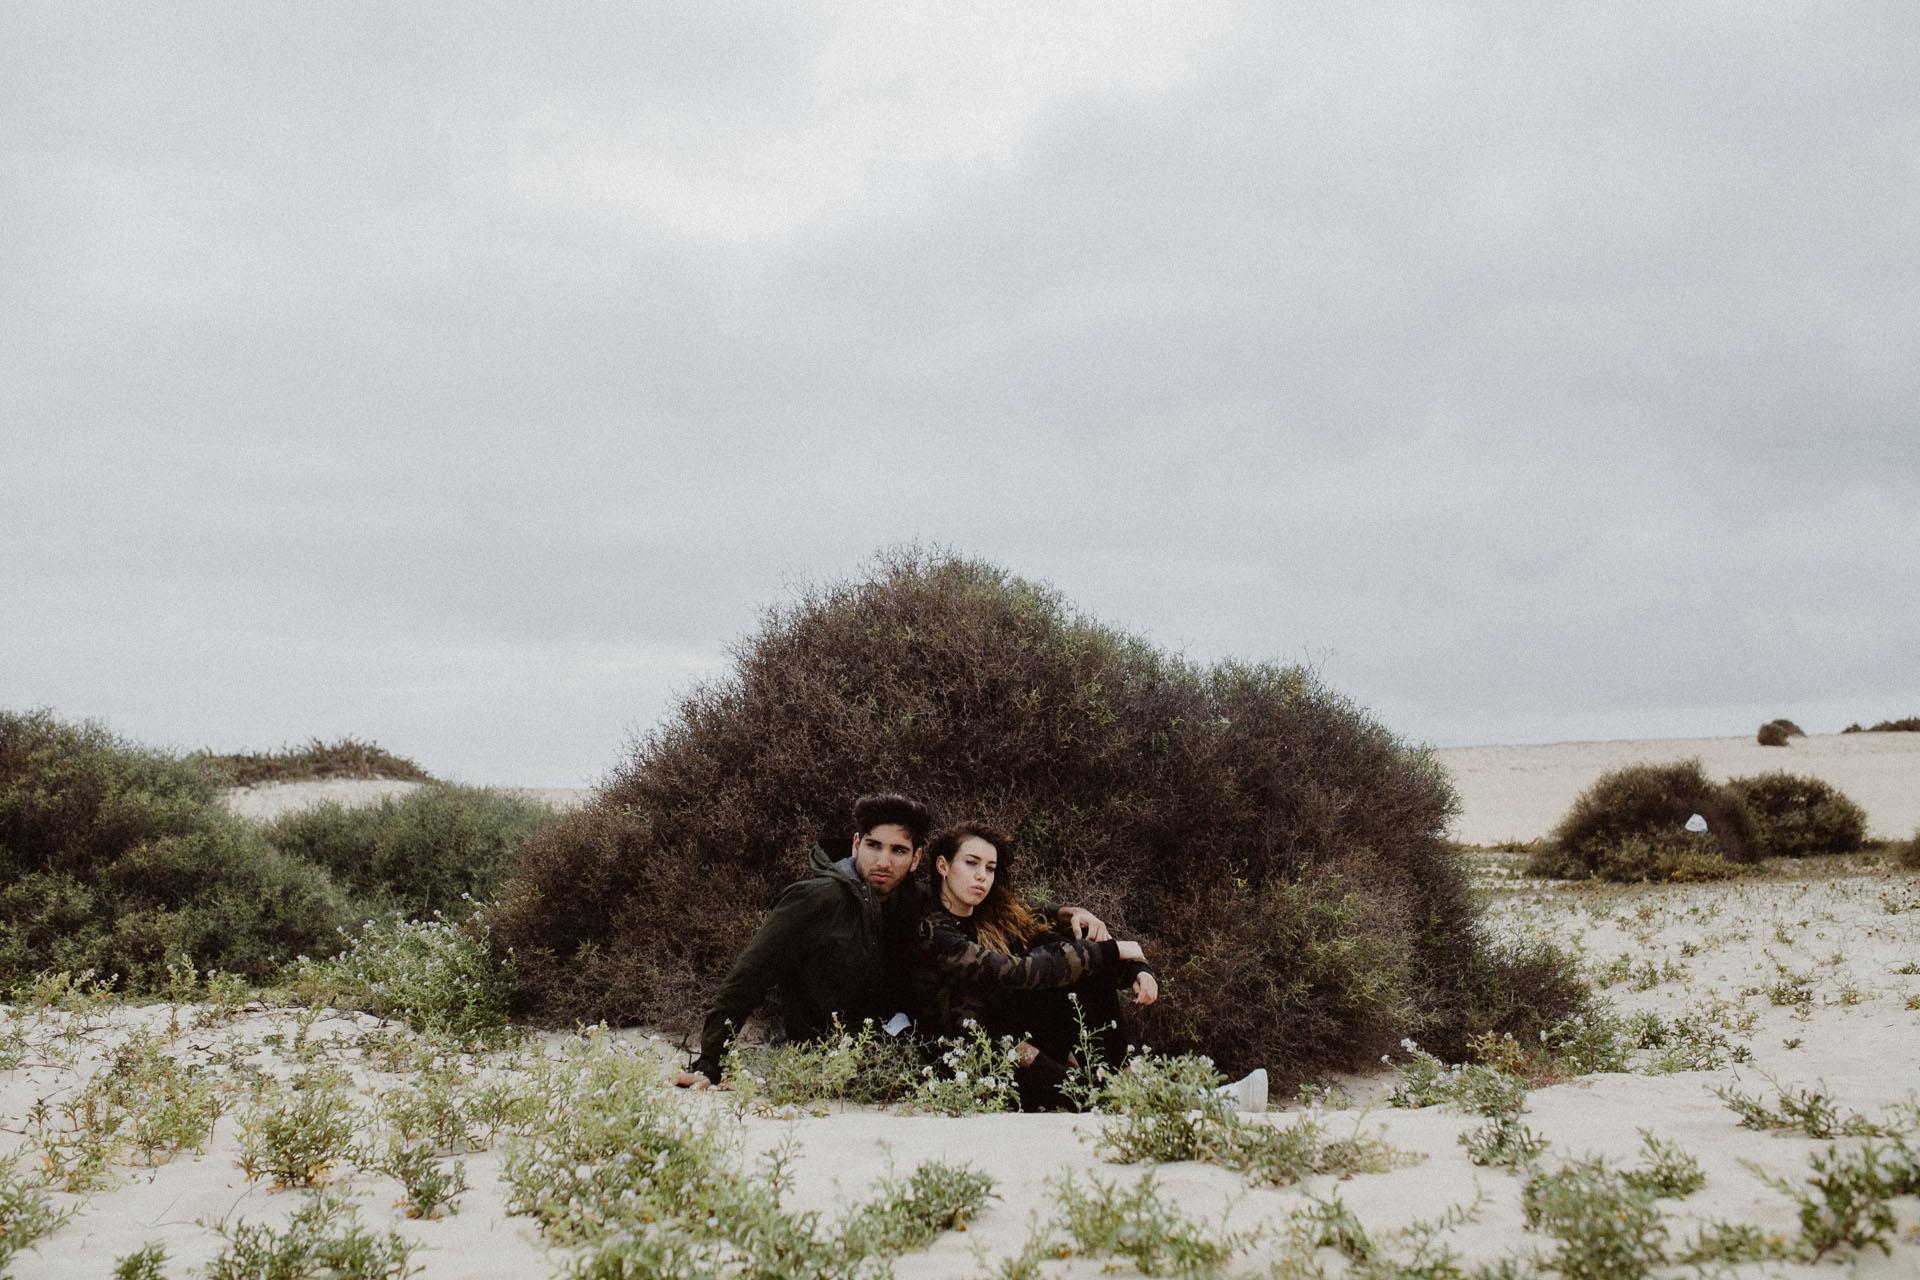 hochzeitsfotograf-oesterreich-agnesundandi-47